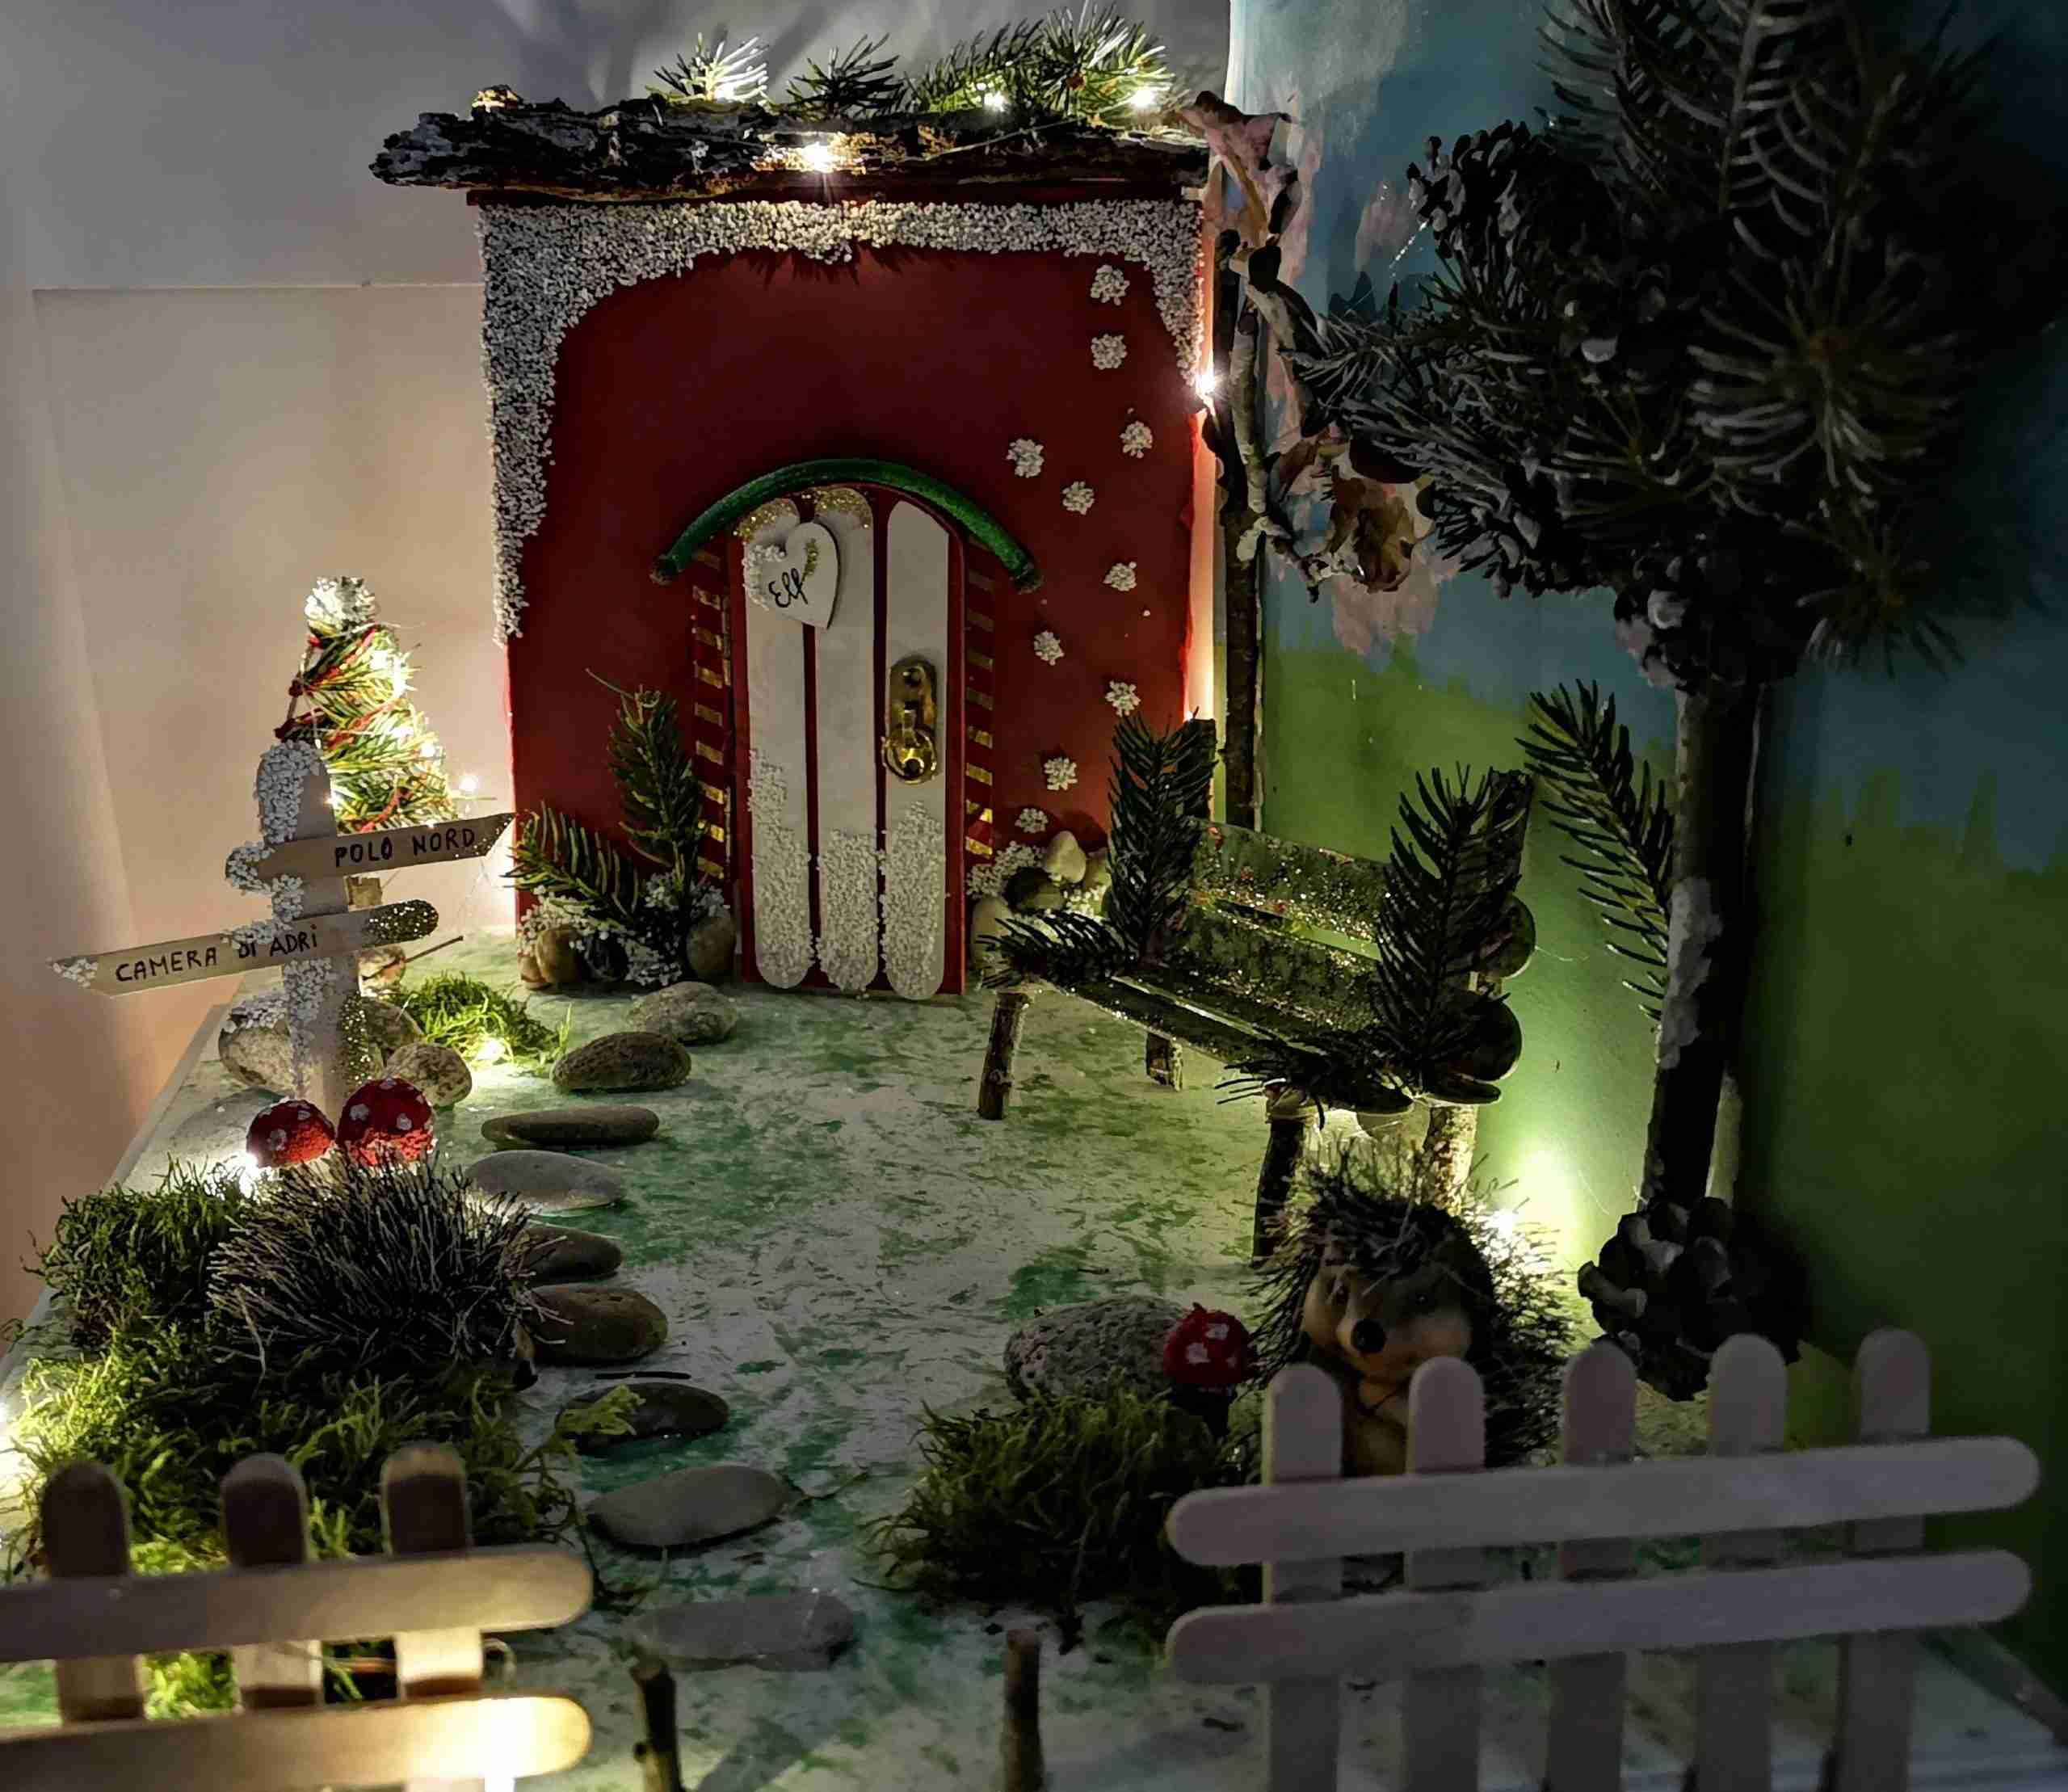 La mia ricetta per le feste di Natale? Libri, amore e fantasia! A cura di Daniela Bucci